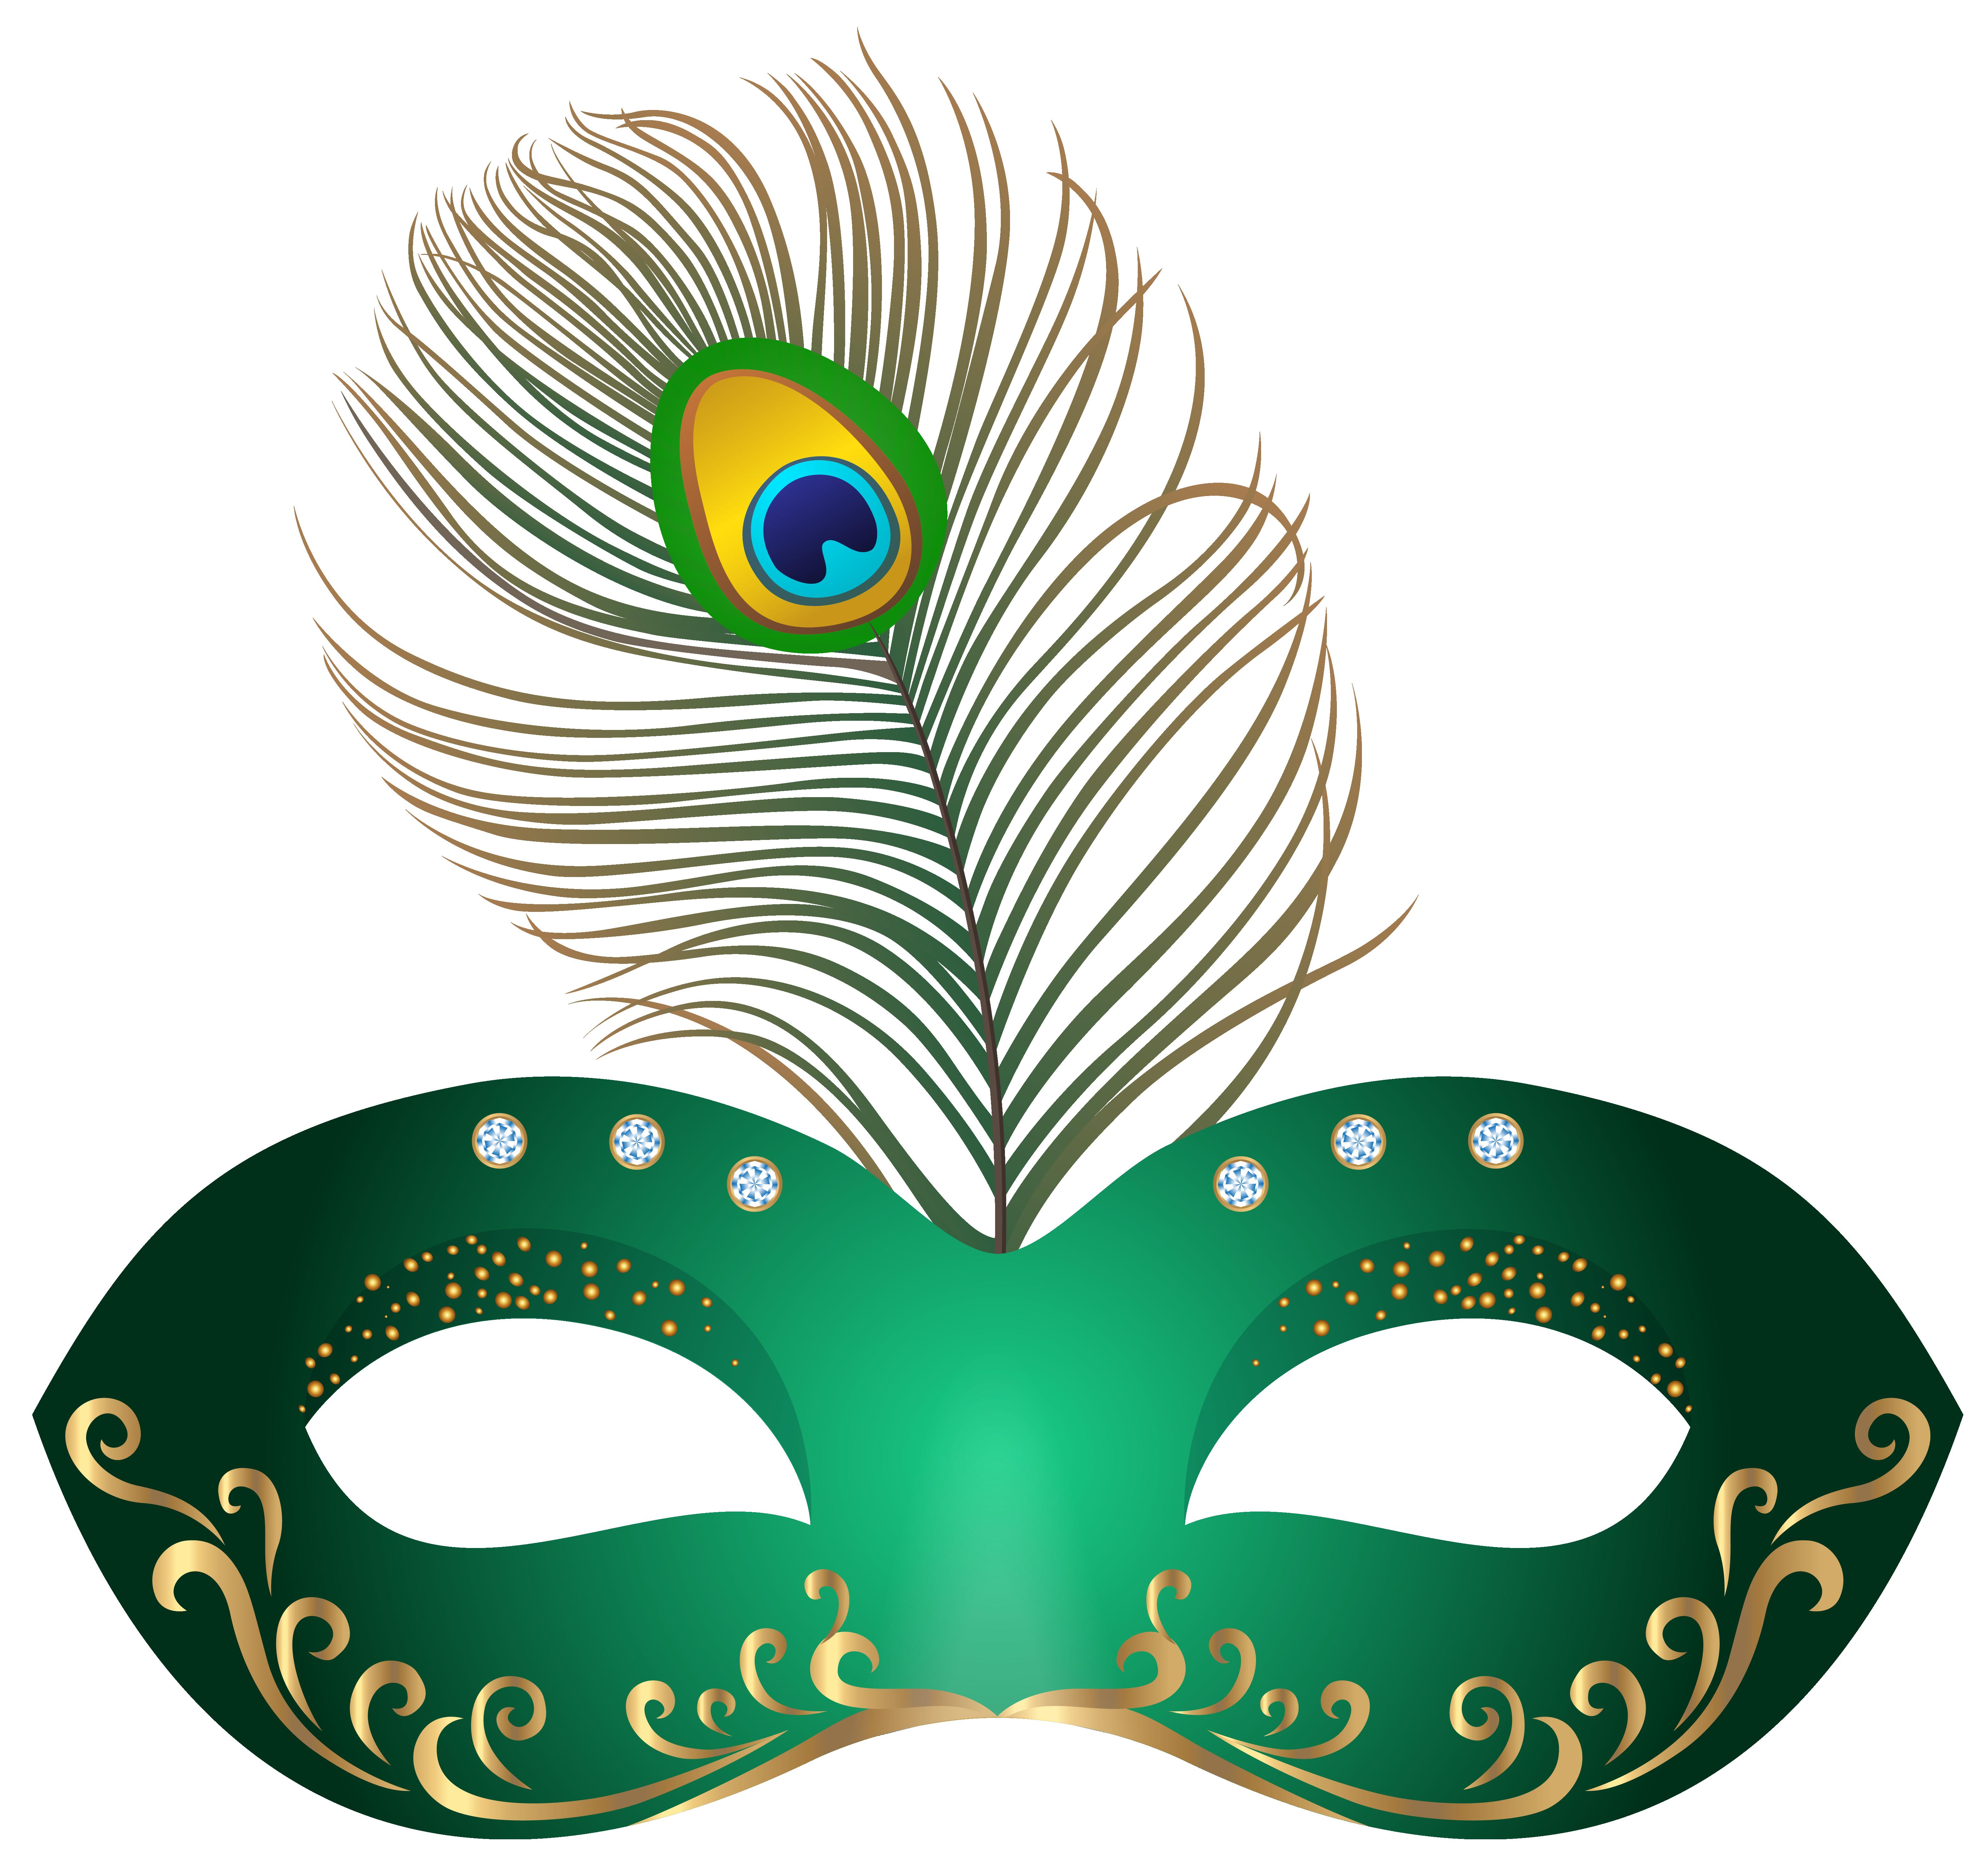 Carneval clipart carnival mask Mask image carnival clip image